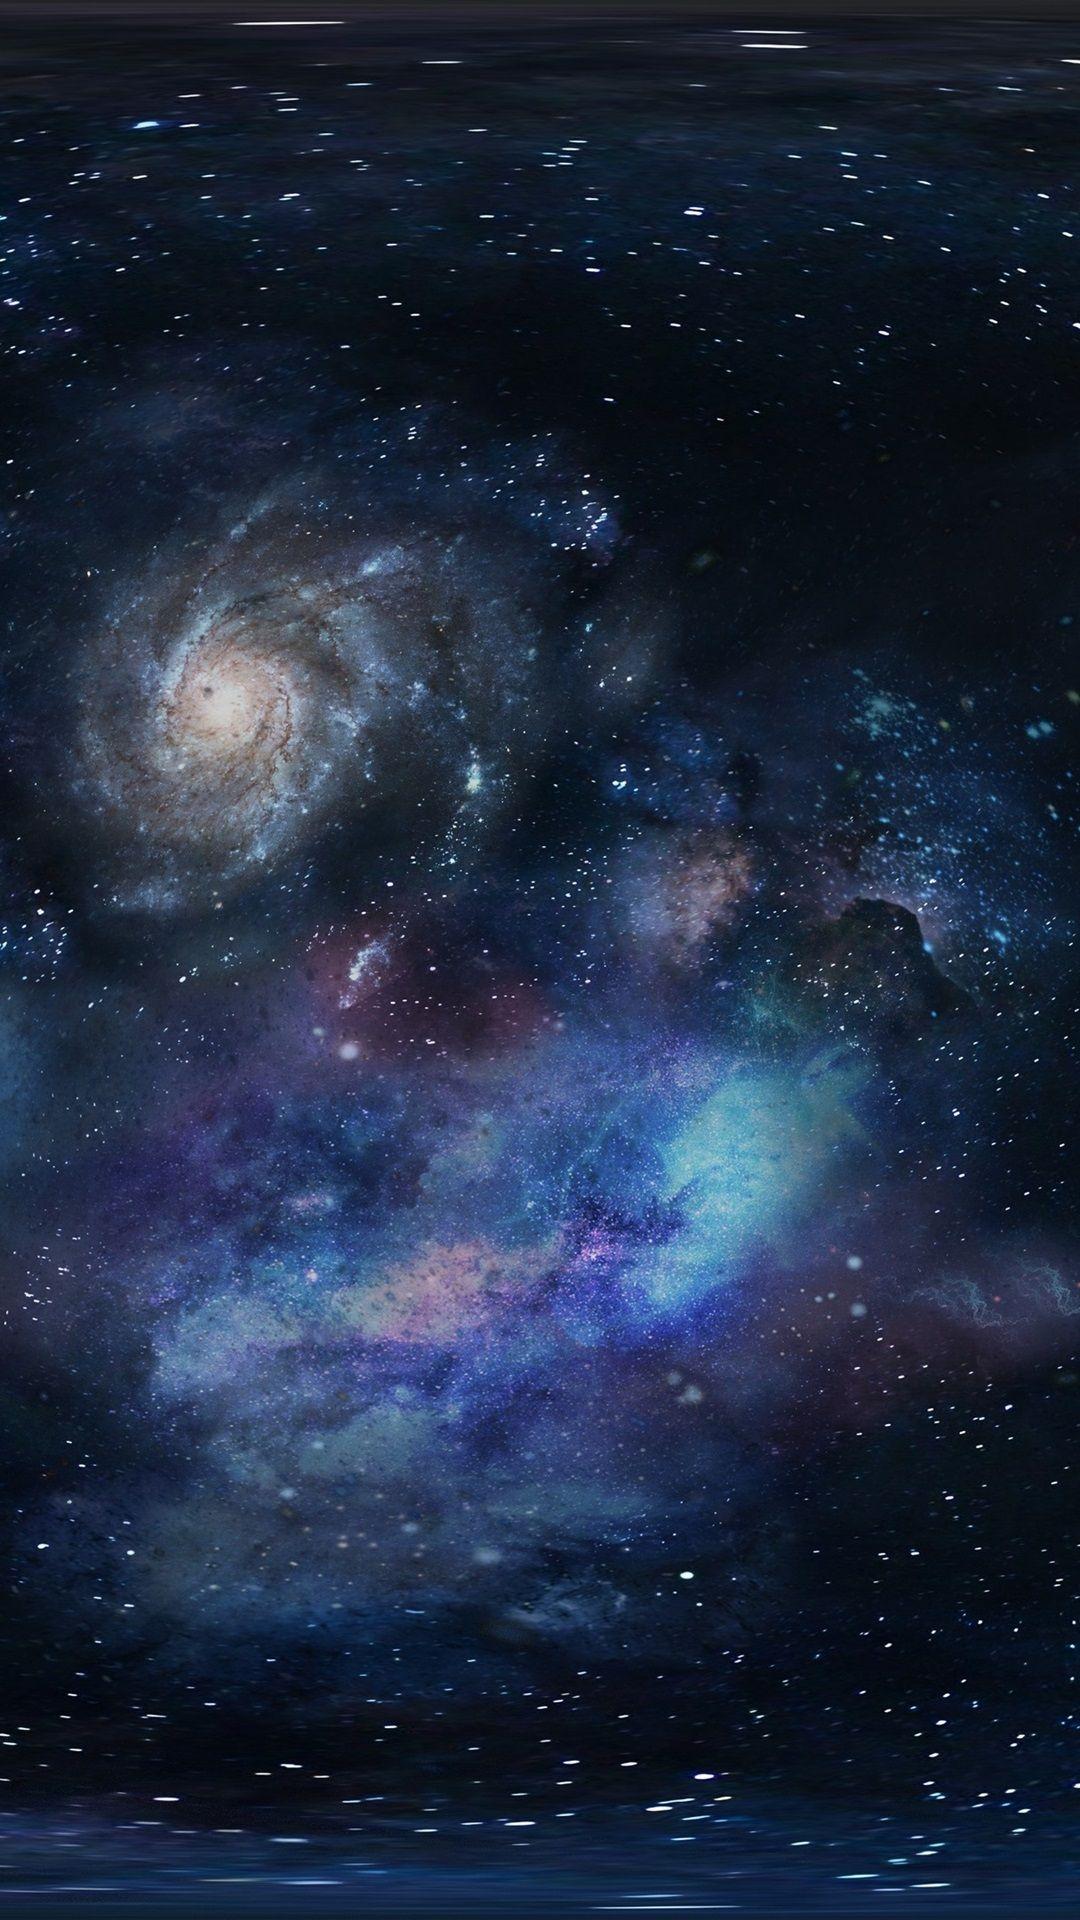 壁紙 銀河宇宙宇宙星空 3840x2160 Uhd 4k 無料のデスクトップの 宇宙 壁紙 星 壁紙 Iphone7plus 壁紙